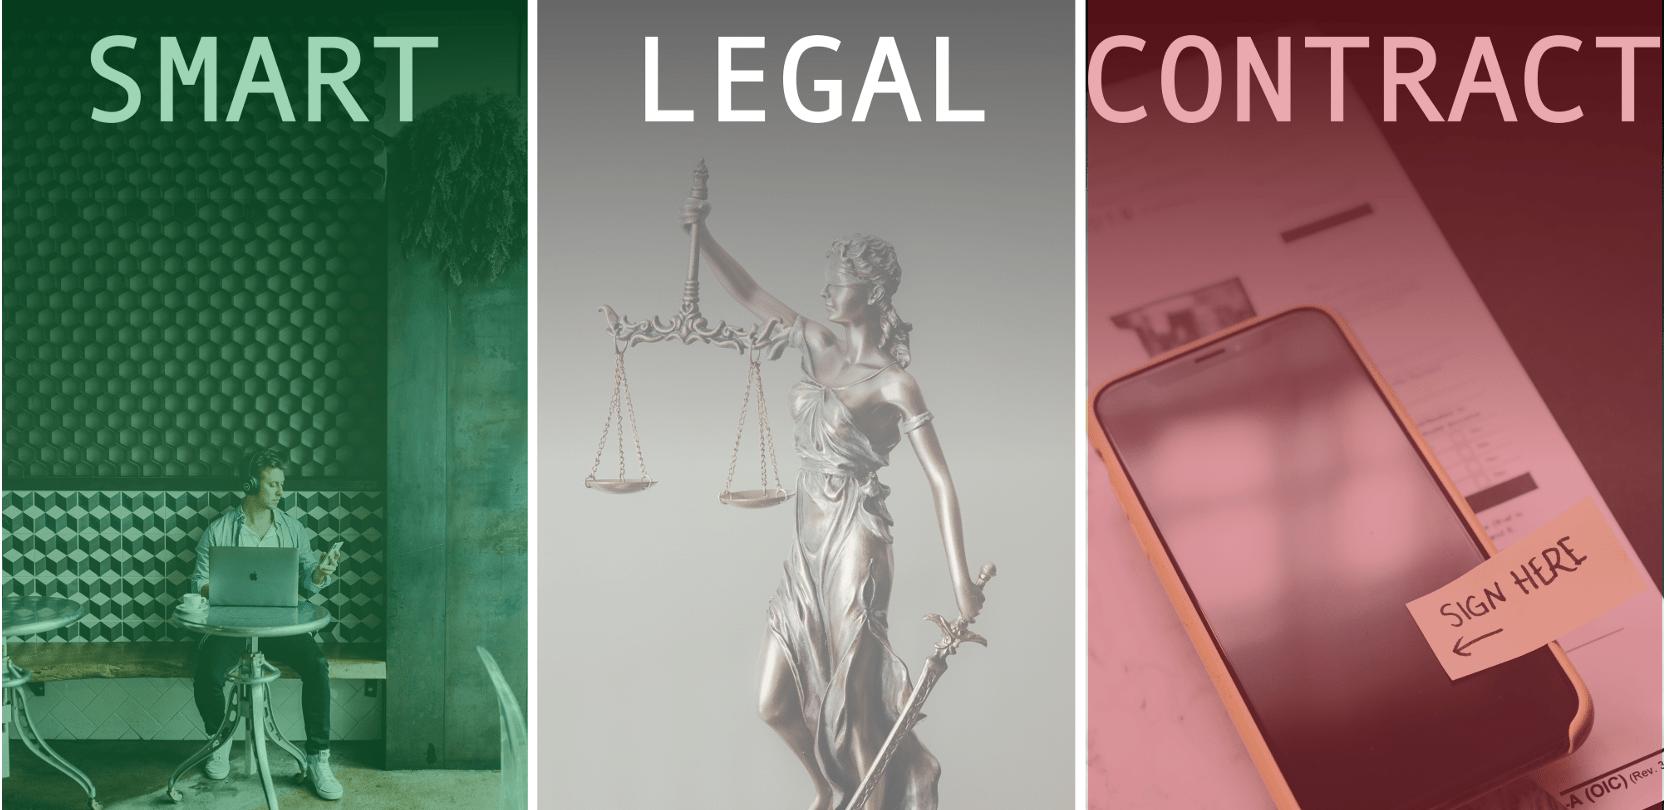 Adozione degli smart legal contract: a che punto siamo in Italia?